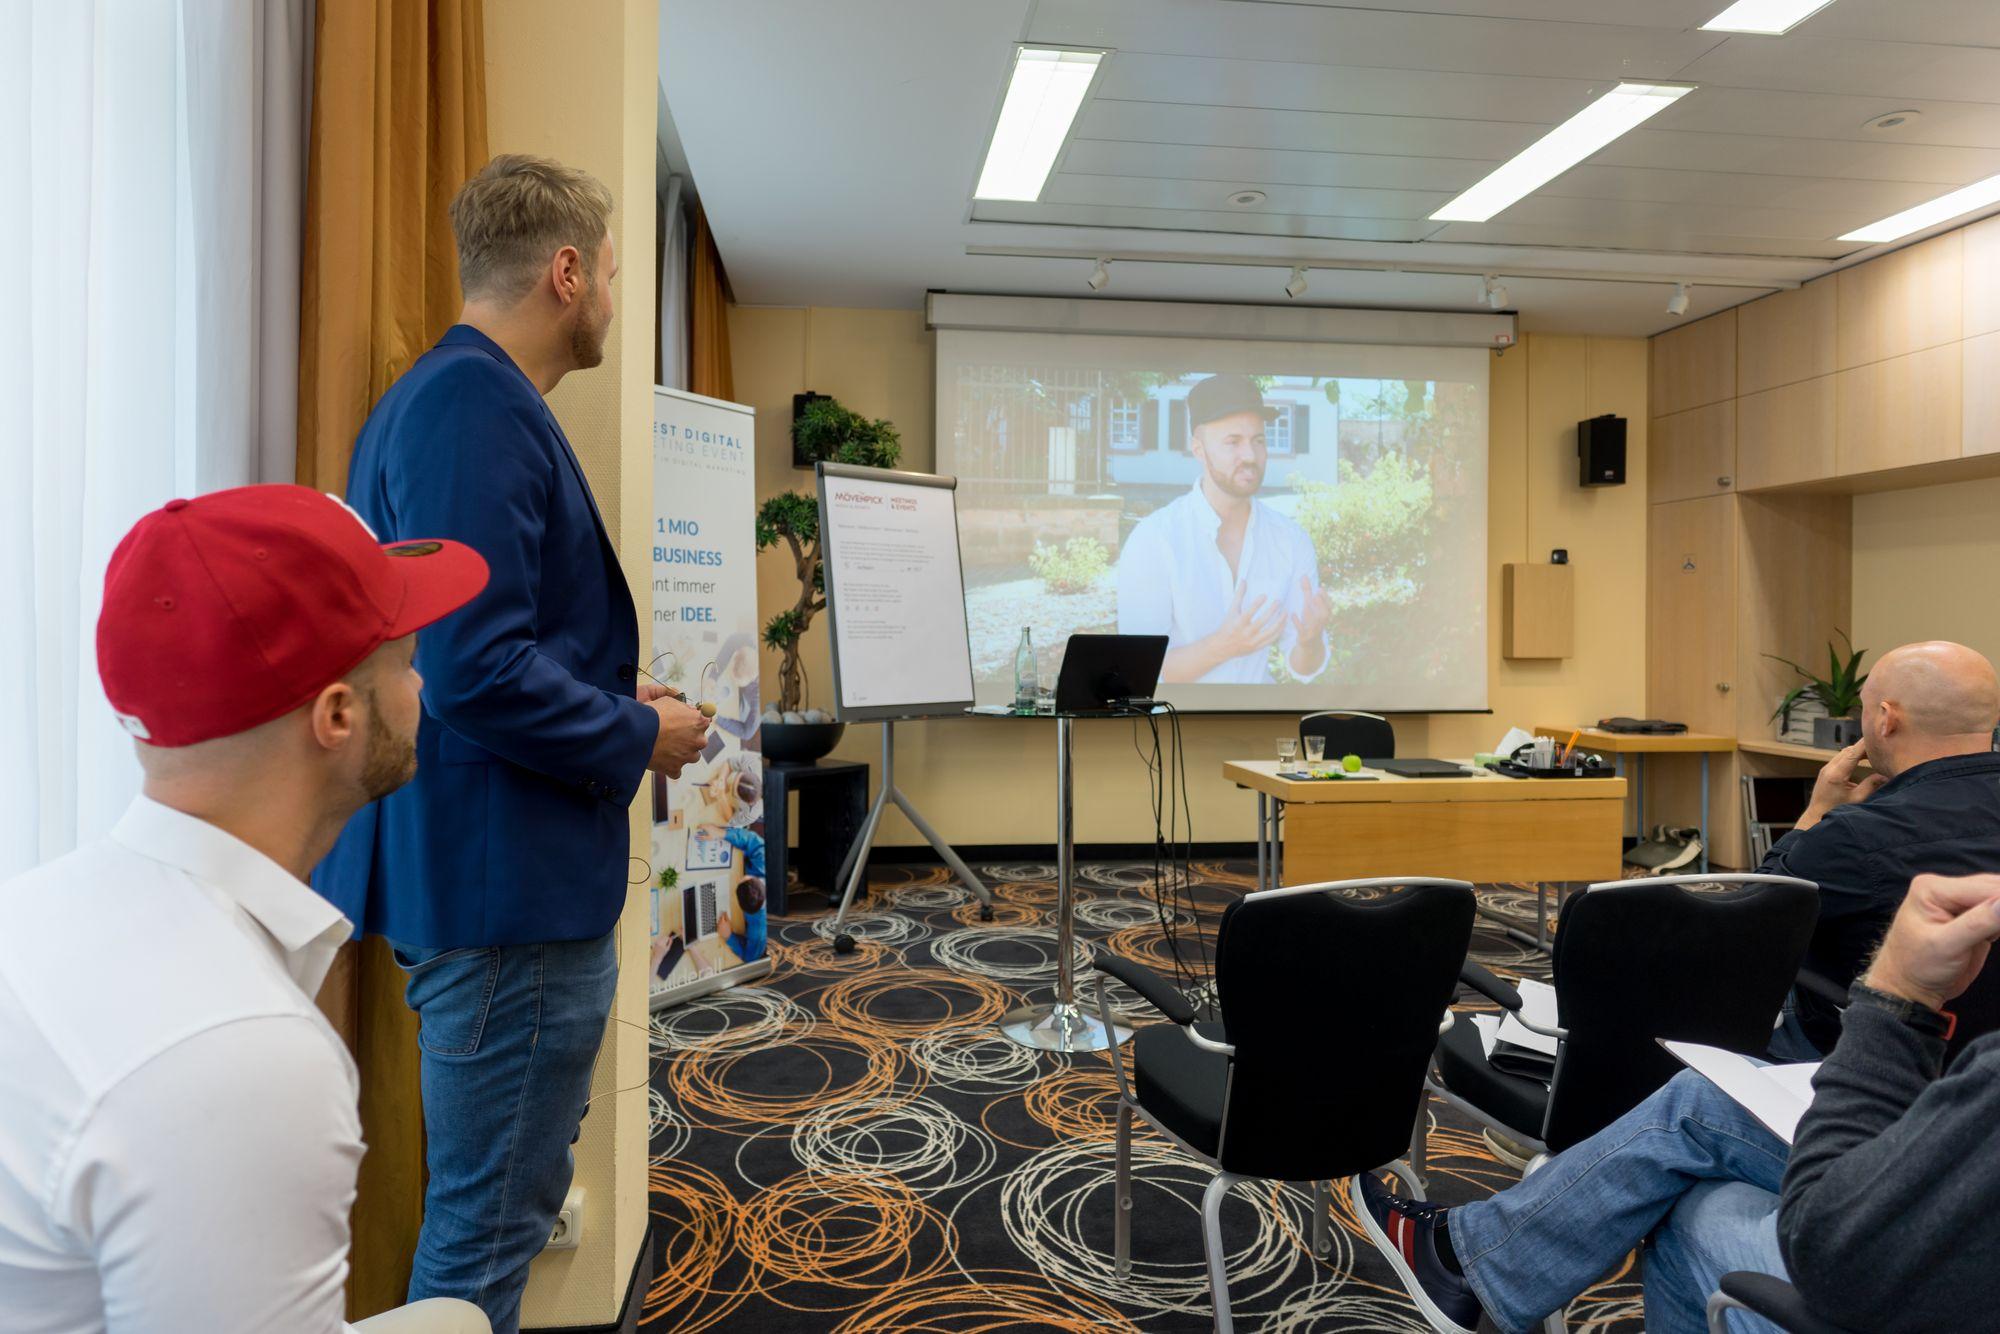 Daniel Hauber und Stefan Beier zeigen ihr Video auf dem Builderall Everest 2018 in Nürnberg (Germany)